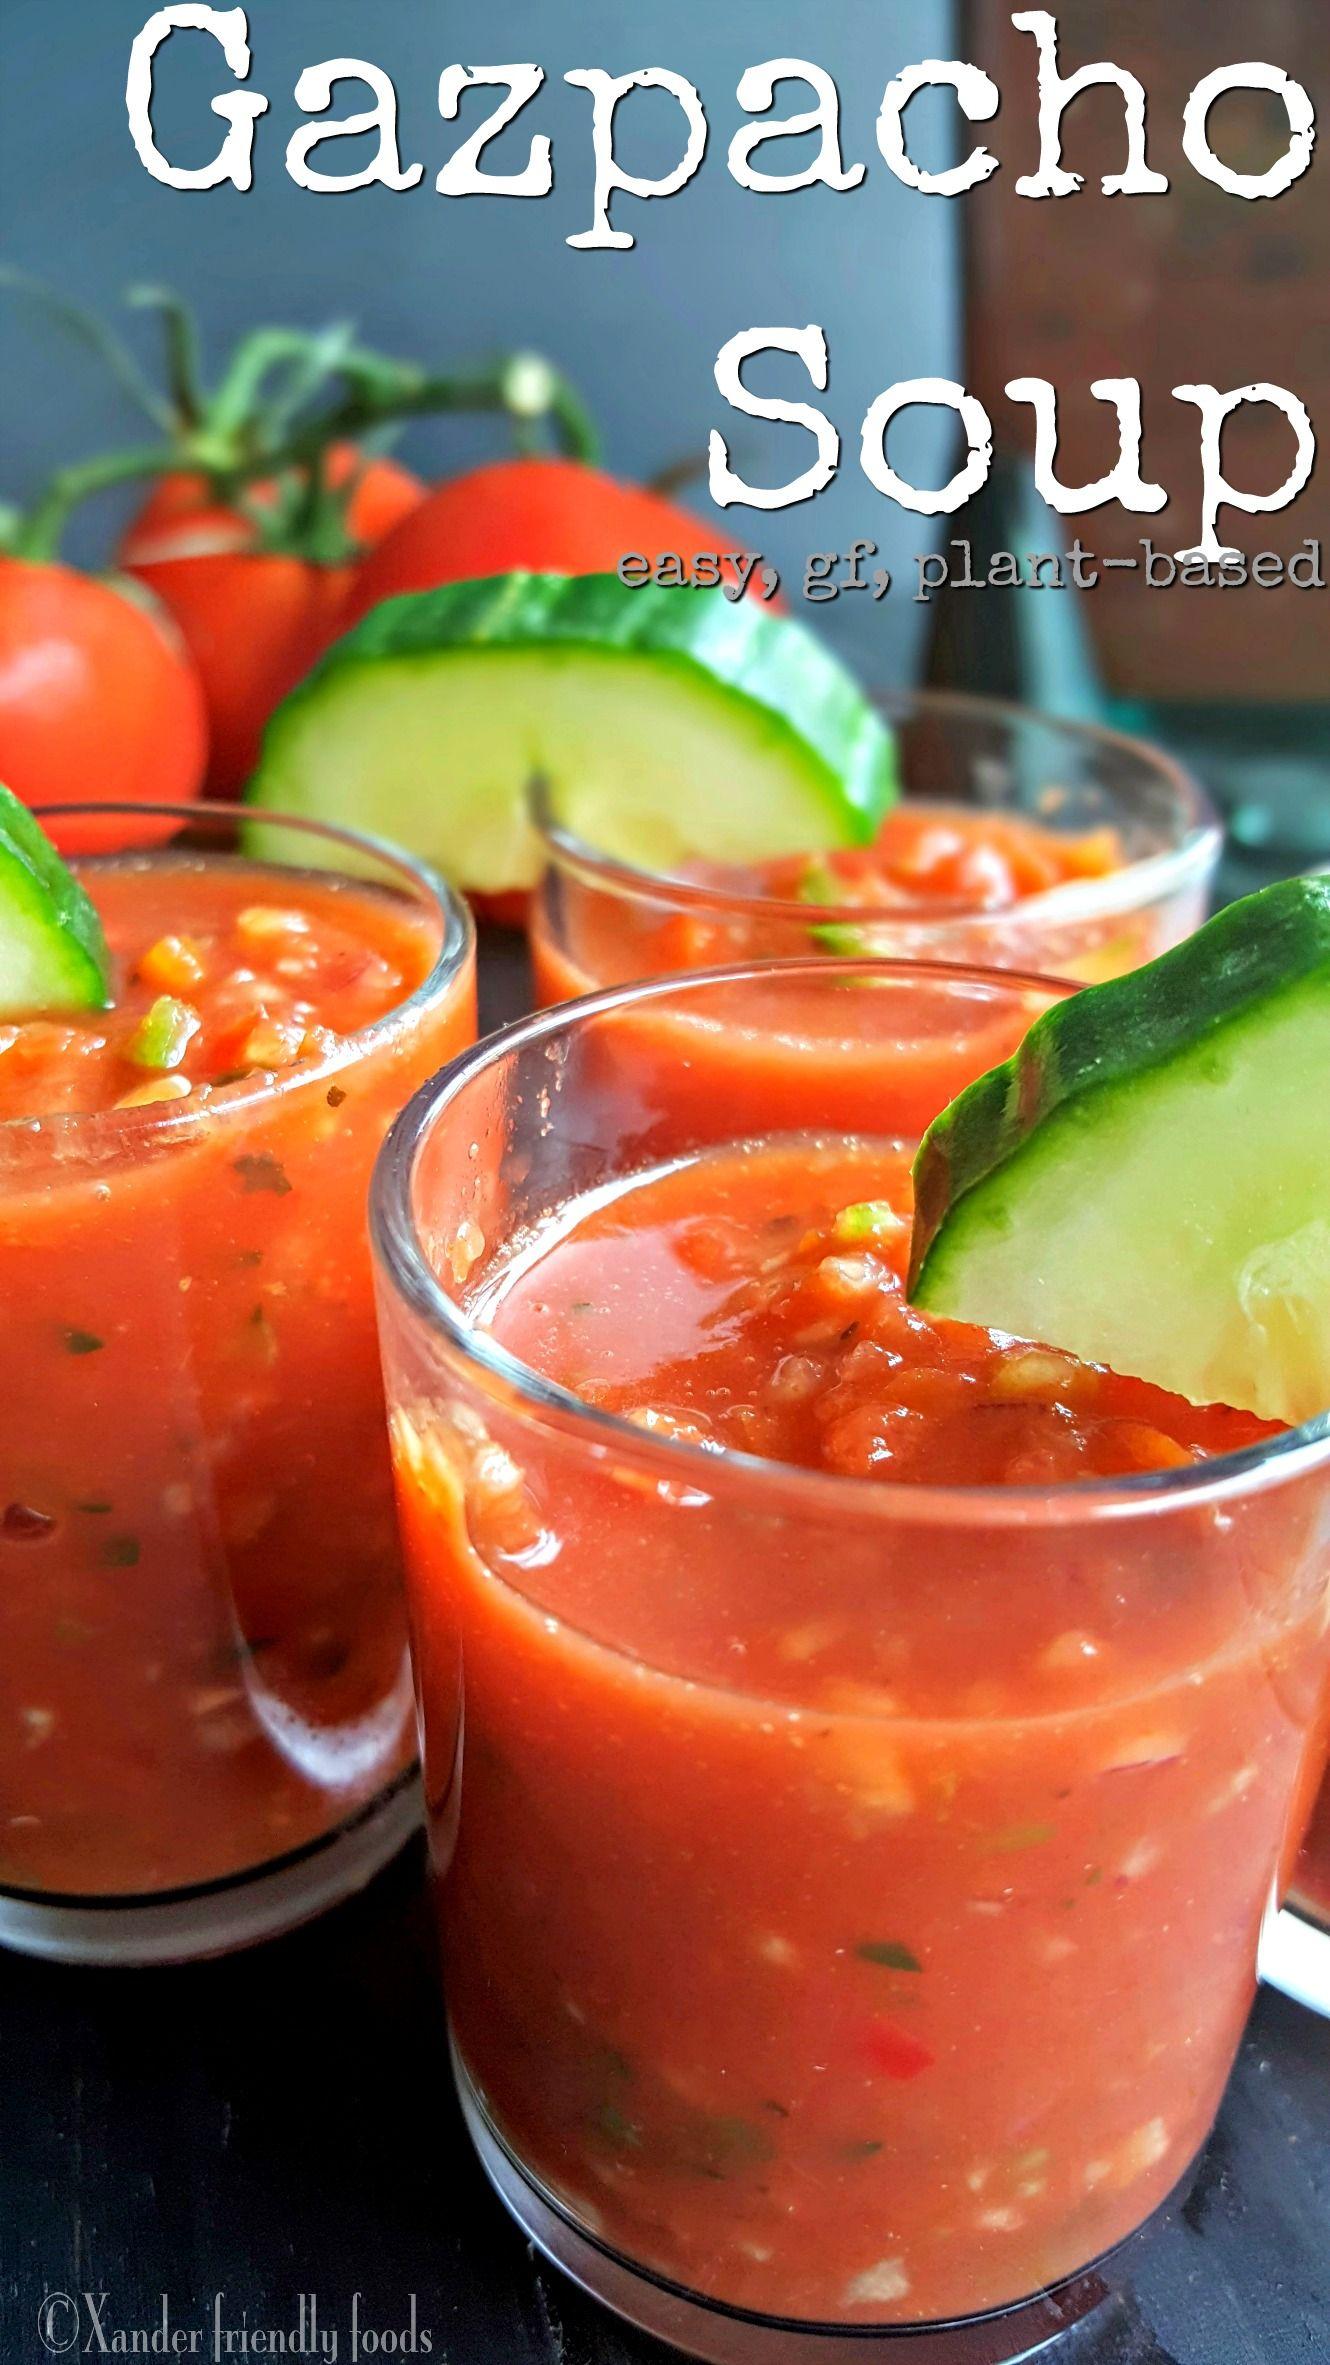 die besten 25 gazpacho suppe ideen auf pinterest gazpacho rezept gazpacho und. Black Bedroom Furniture Sets. Home Design Ideas